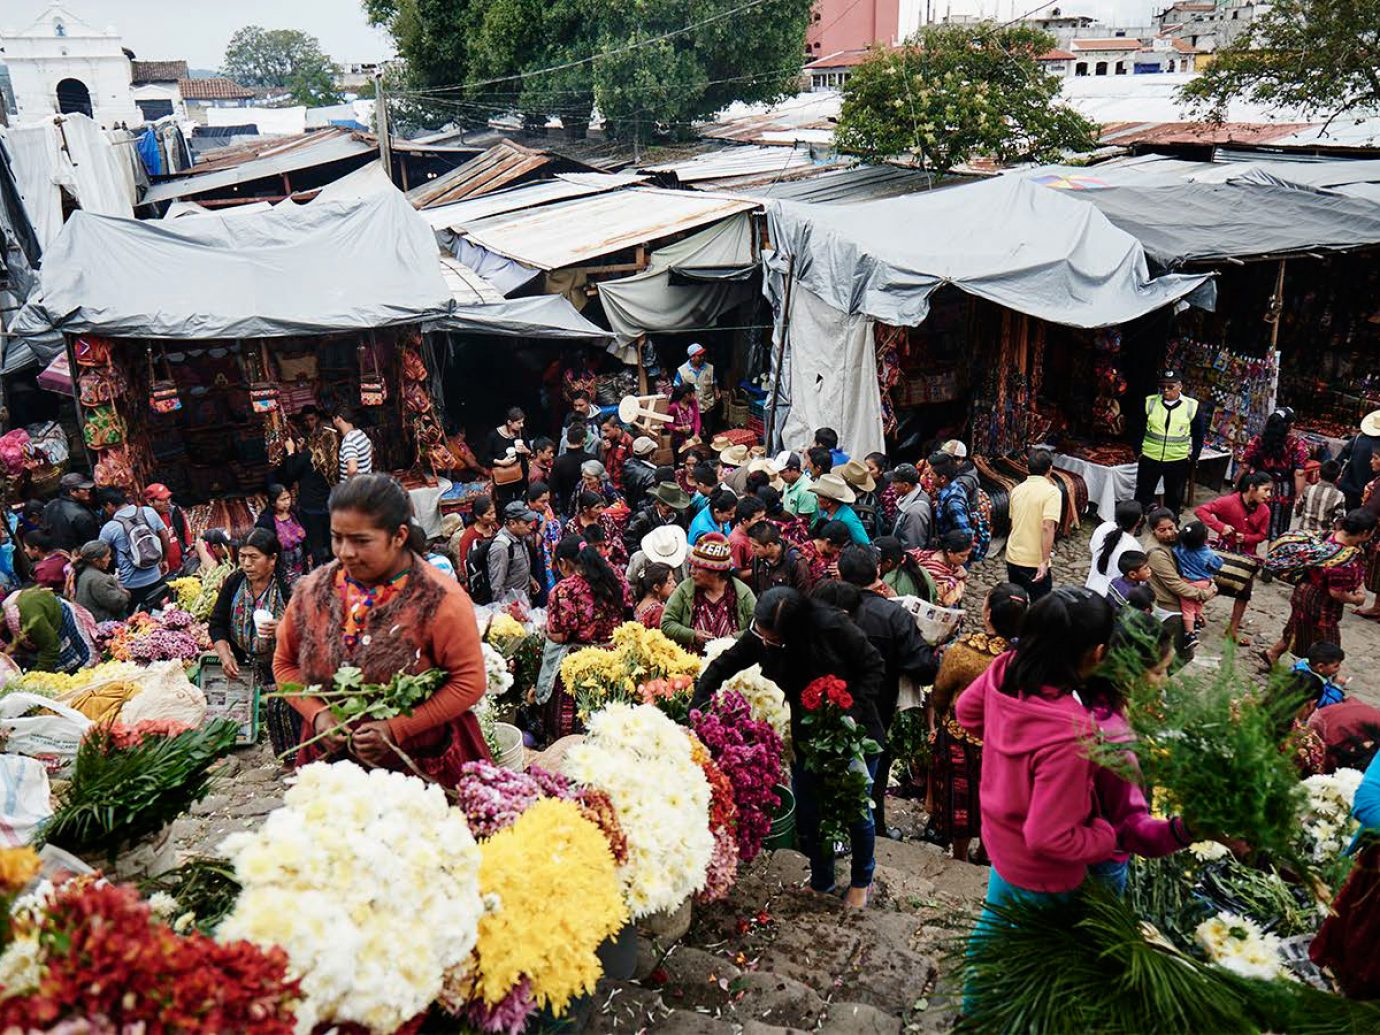 Trip Ideas outdoor marketplace person people market crowd public space City vendor human settlement flower scene floristry Shop several